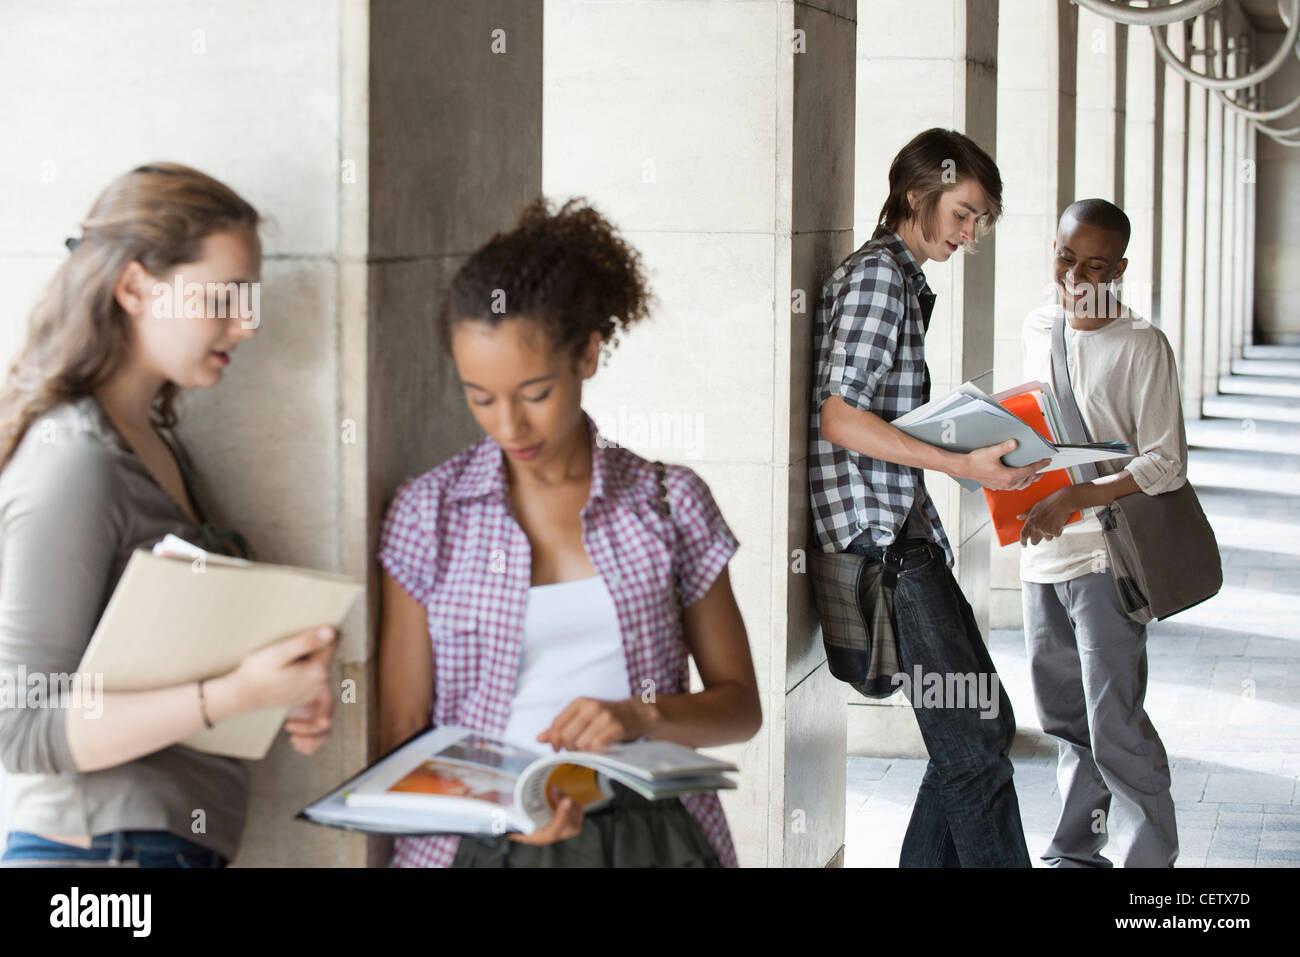 Gli studenti universitari per discutere i compiti, concentrarsi sugli uomini in background Immagini Stock